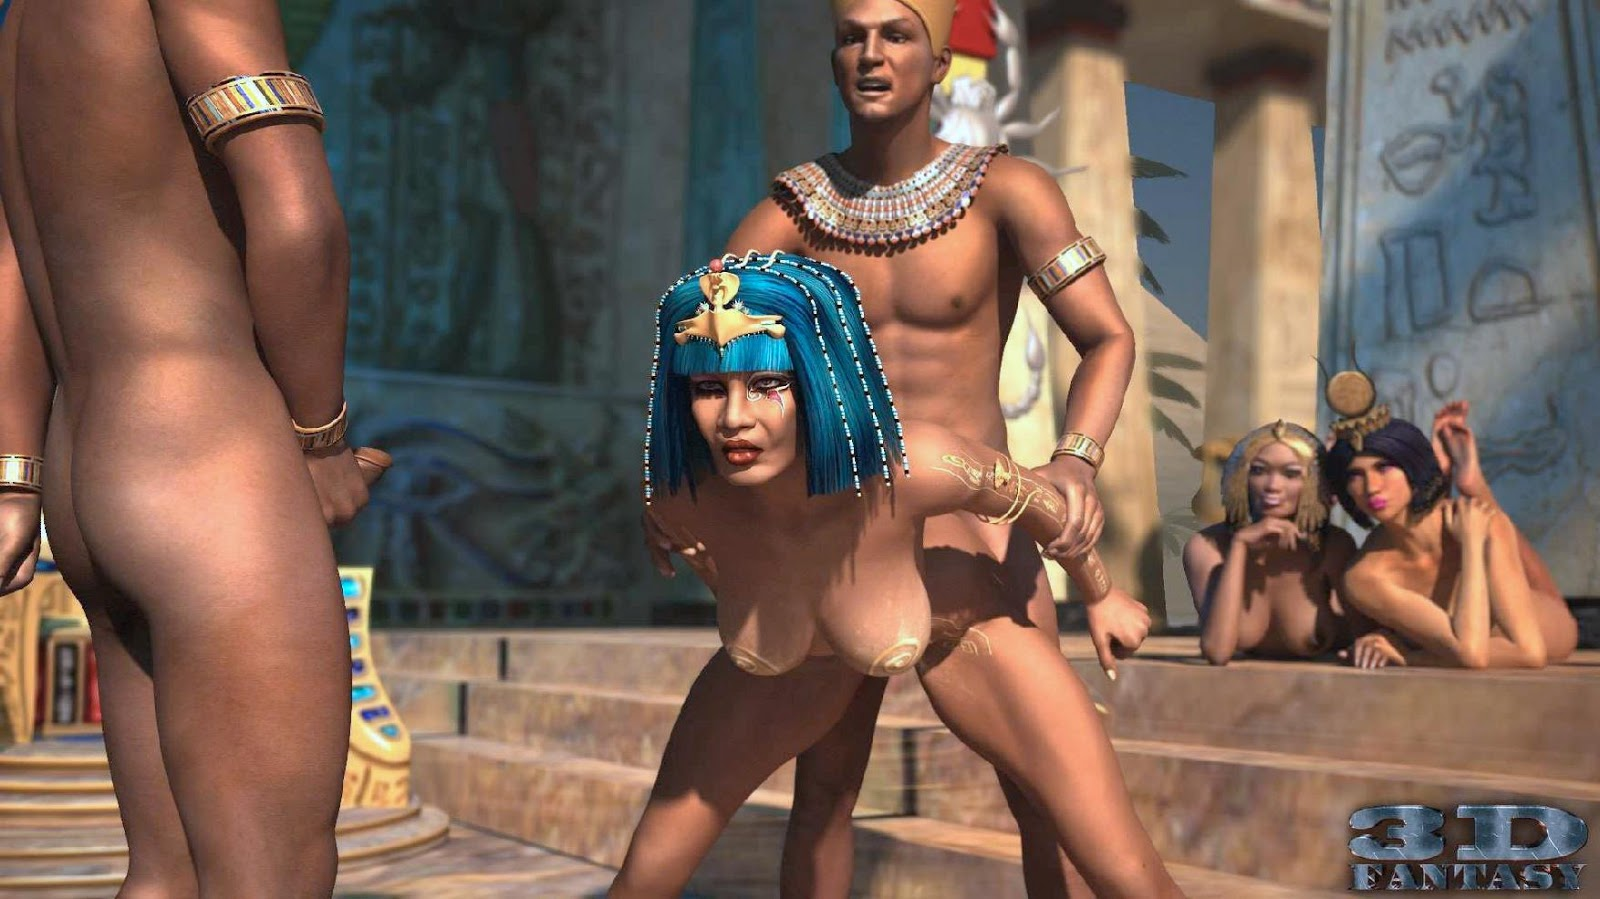 Смотреть онлайн порно древнего рима, Римские оргии - видео Yo-Sex 3 фотография